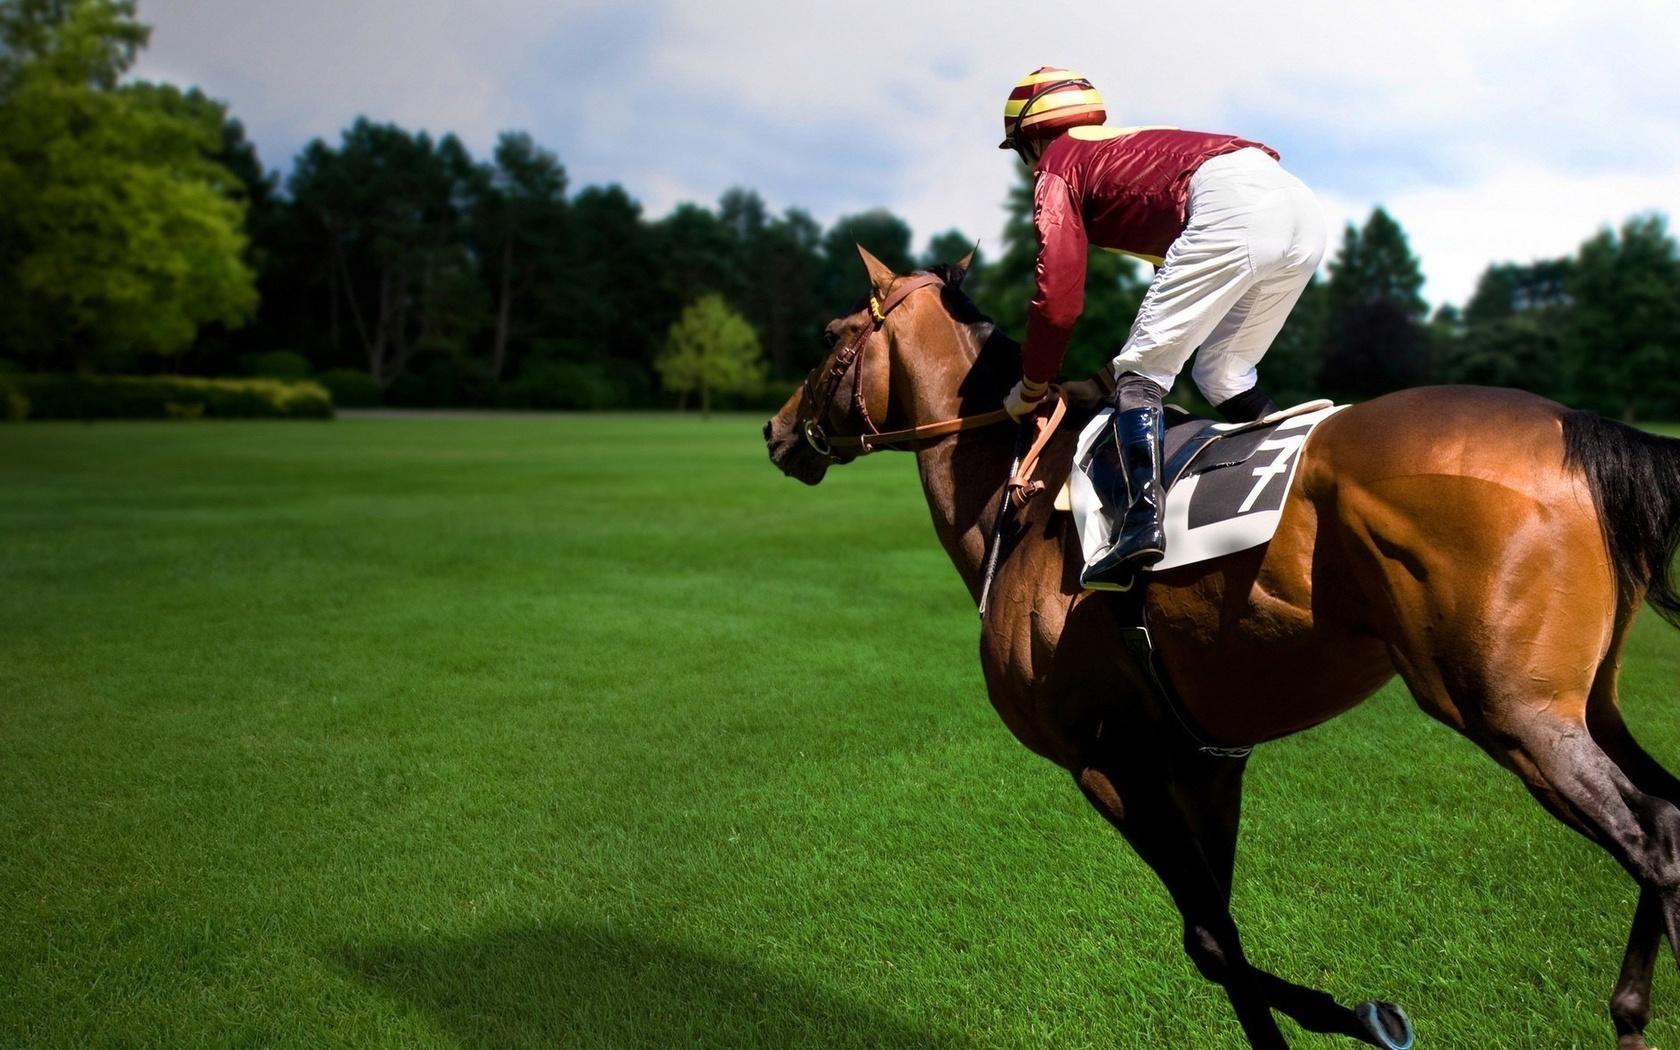 картинки с лошадьми и всадниками всё так можете